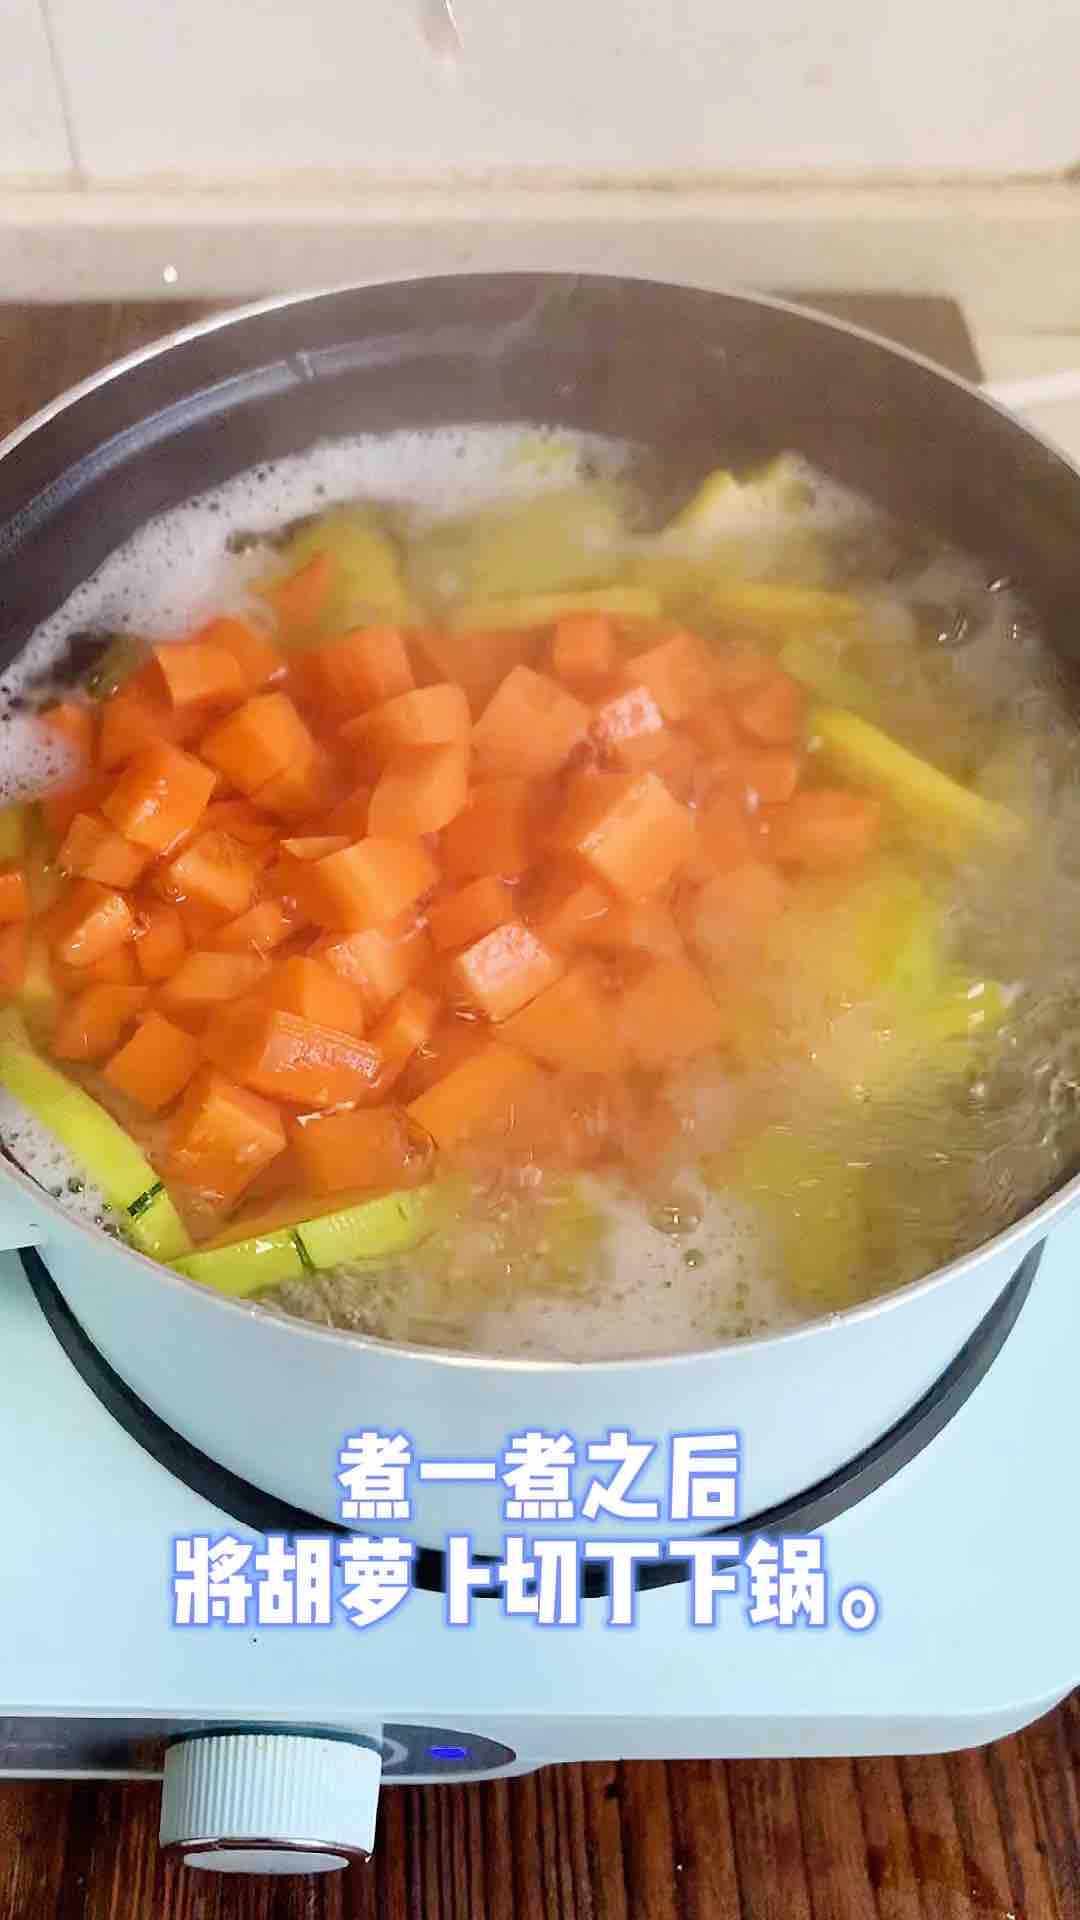 咖喱时蔬鱼饼意面的简单做法